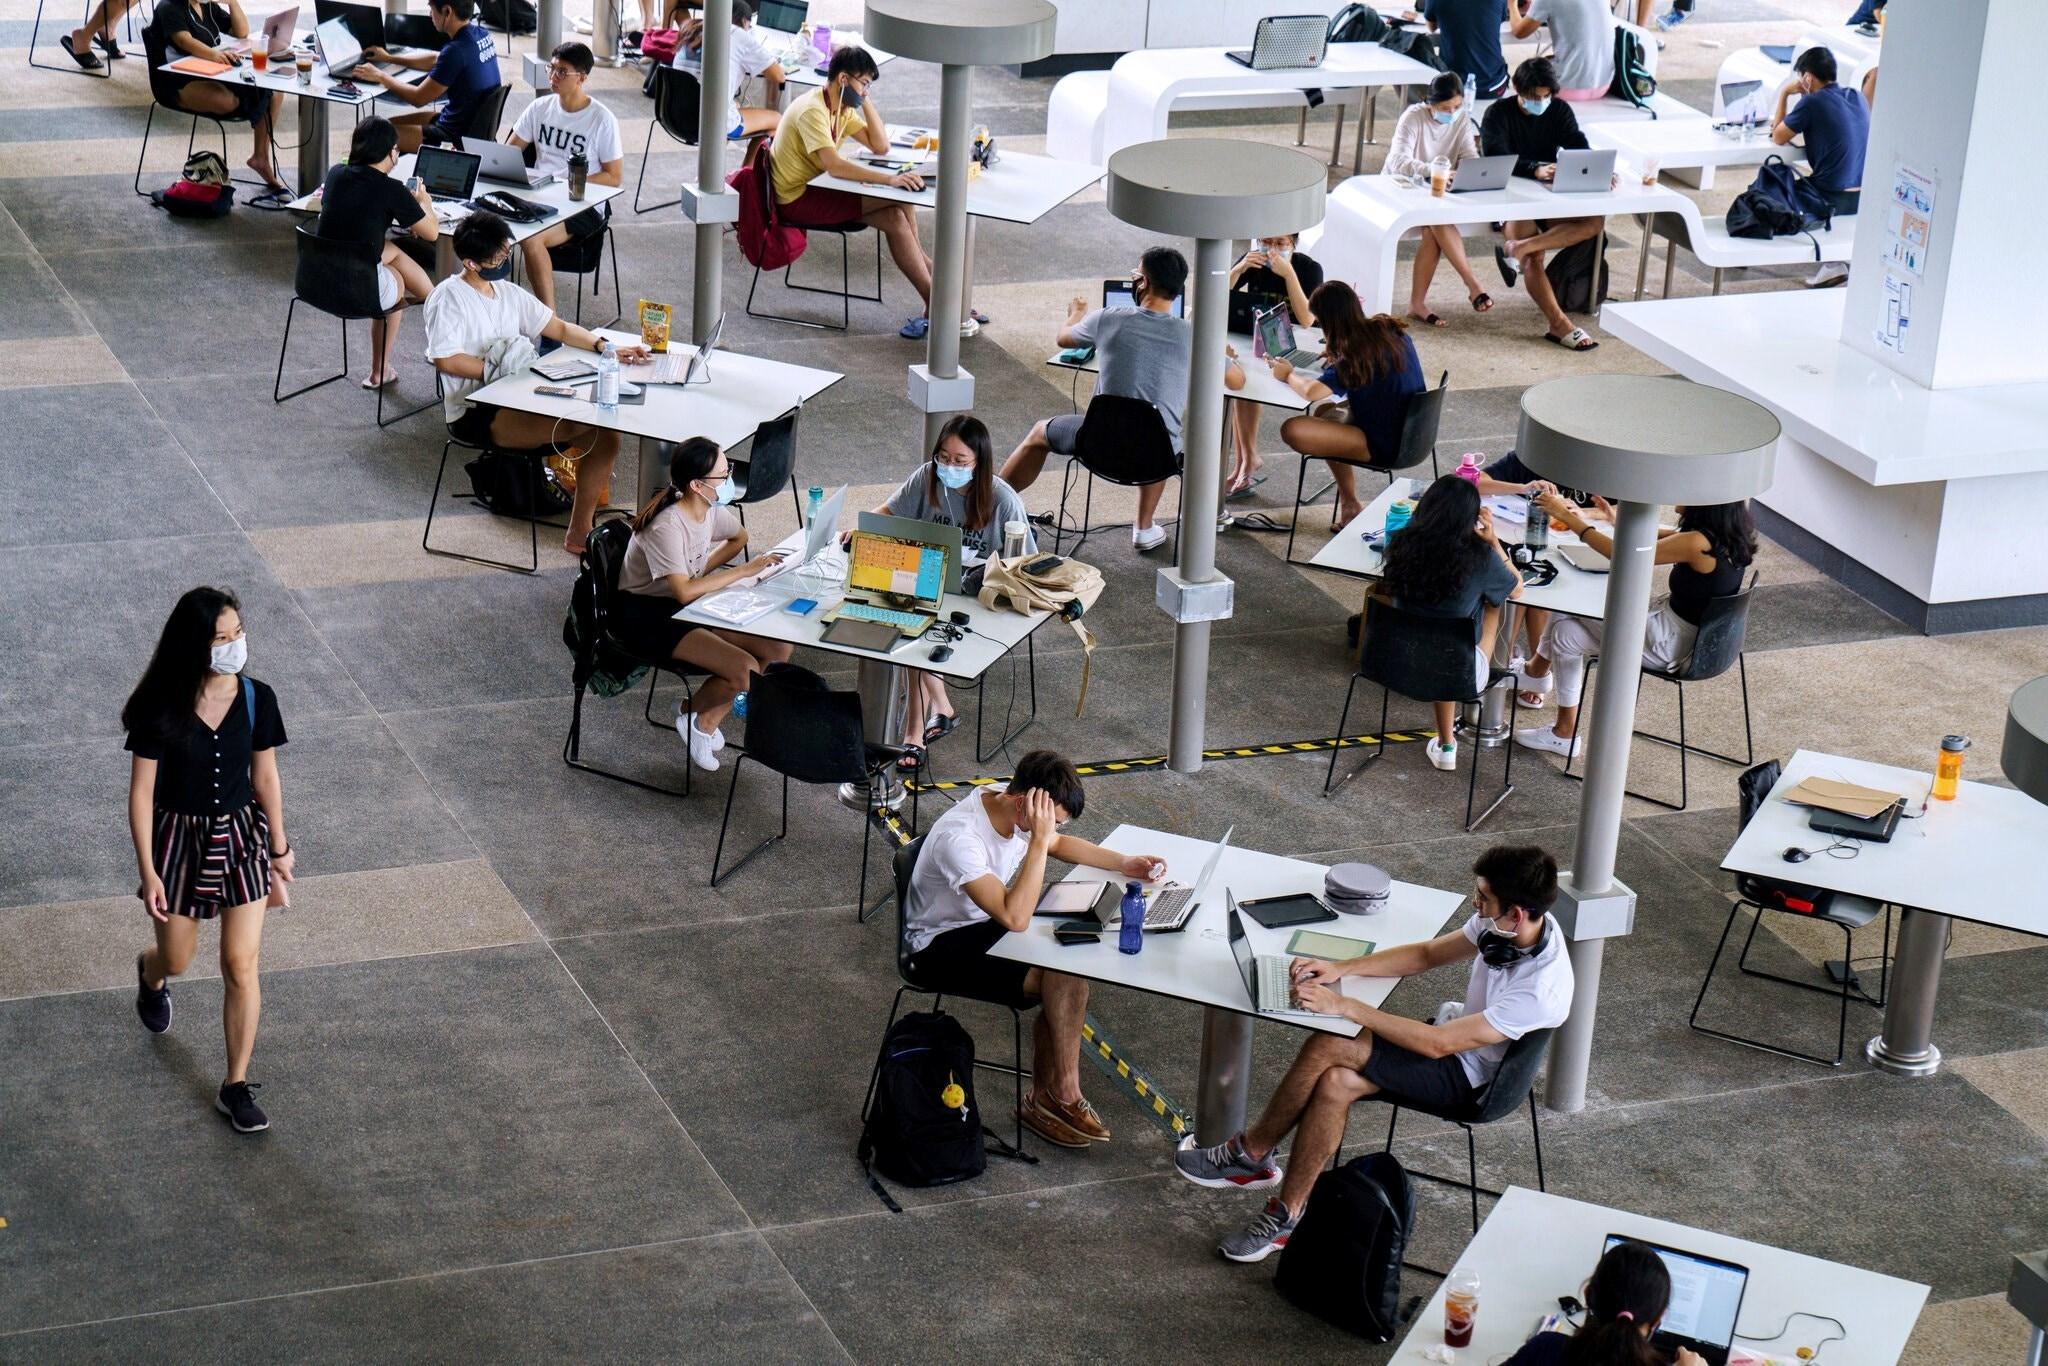 خصصت الجامعة الوطنية في سنغافورة مناطق مختلفة في الحرم الجامعي للطلاب.